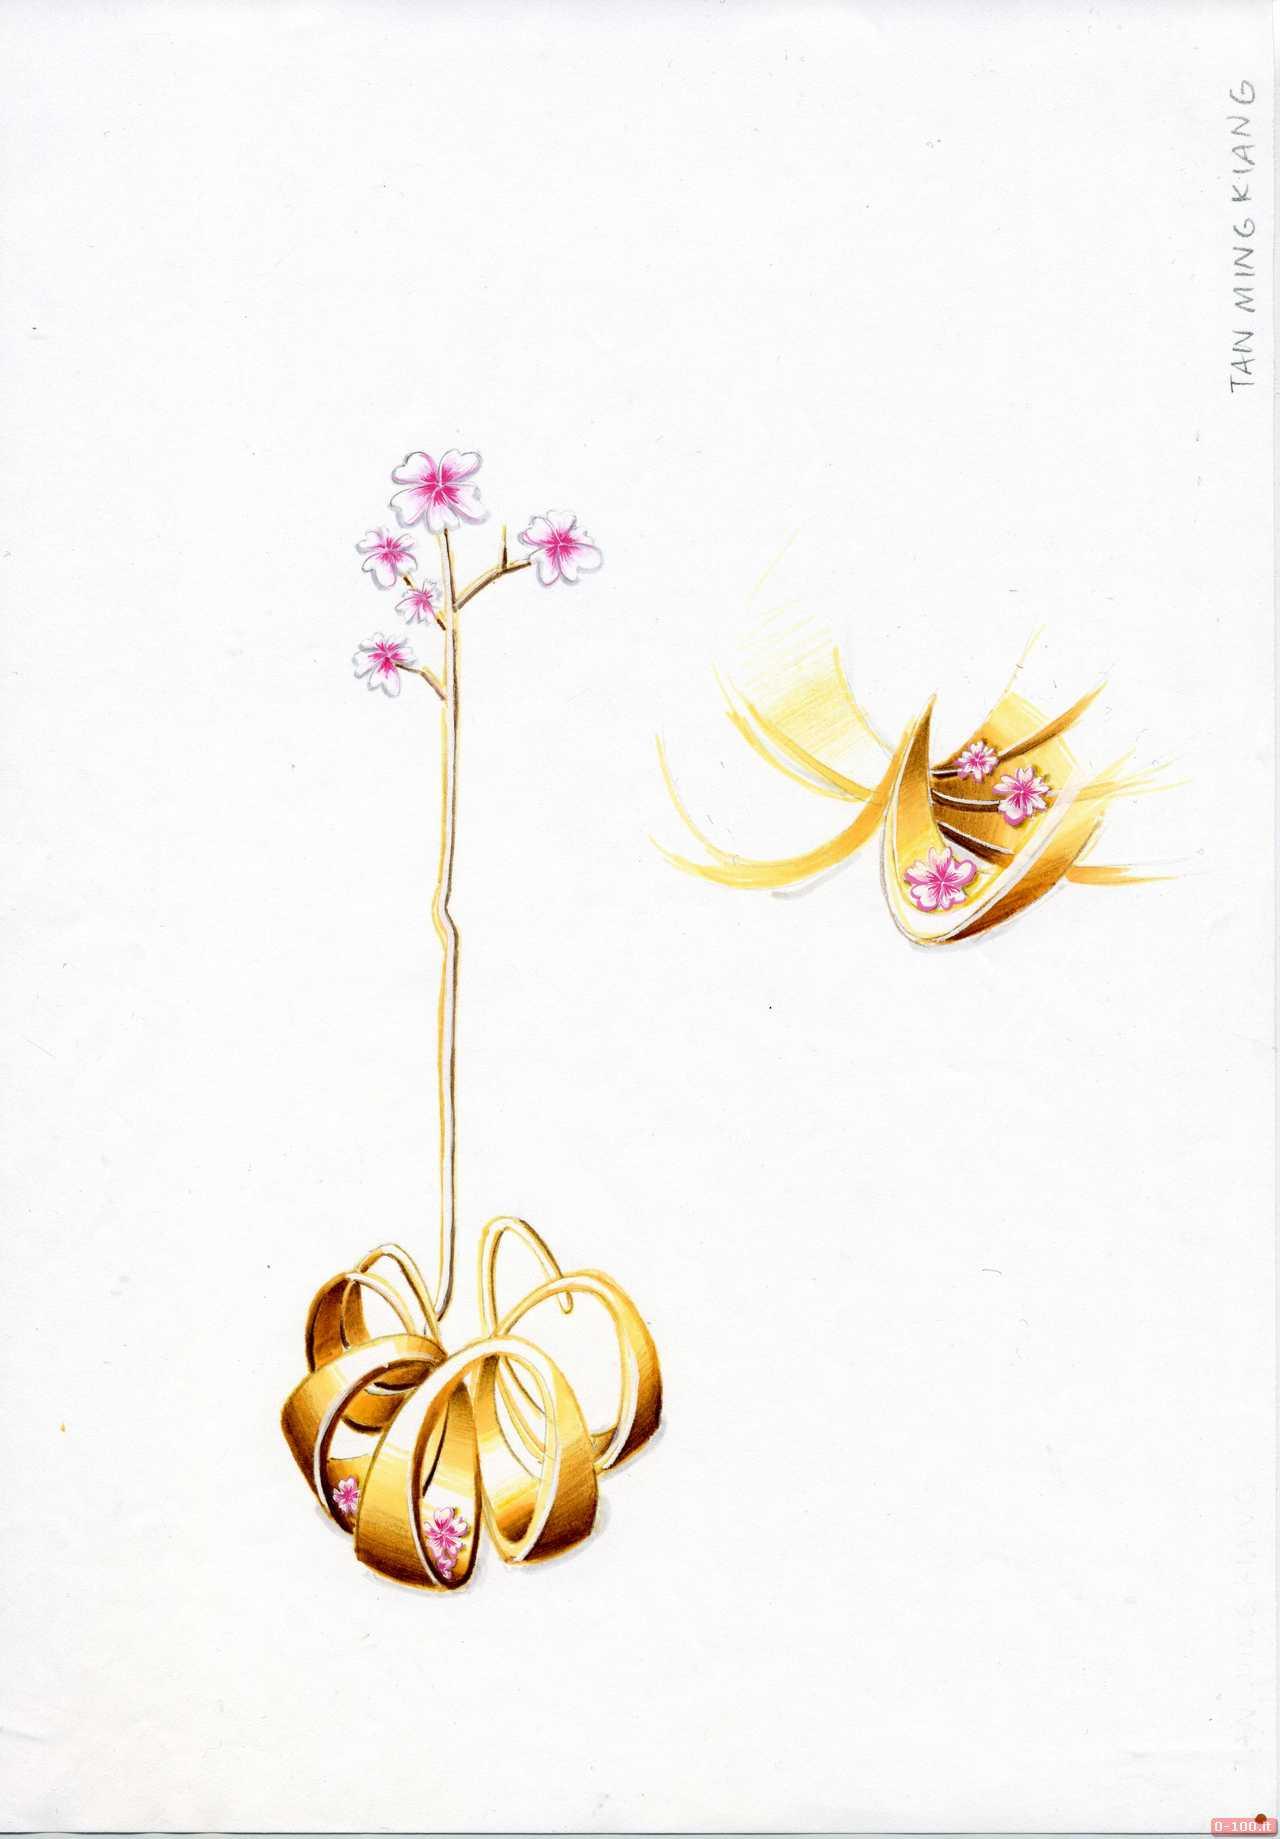 Blooming Creativity_Timeless Flower - Ming Kiang Tan_.Van Cleef & Arpels_0-100 2